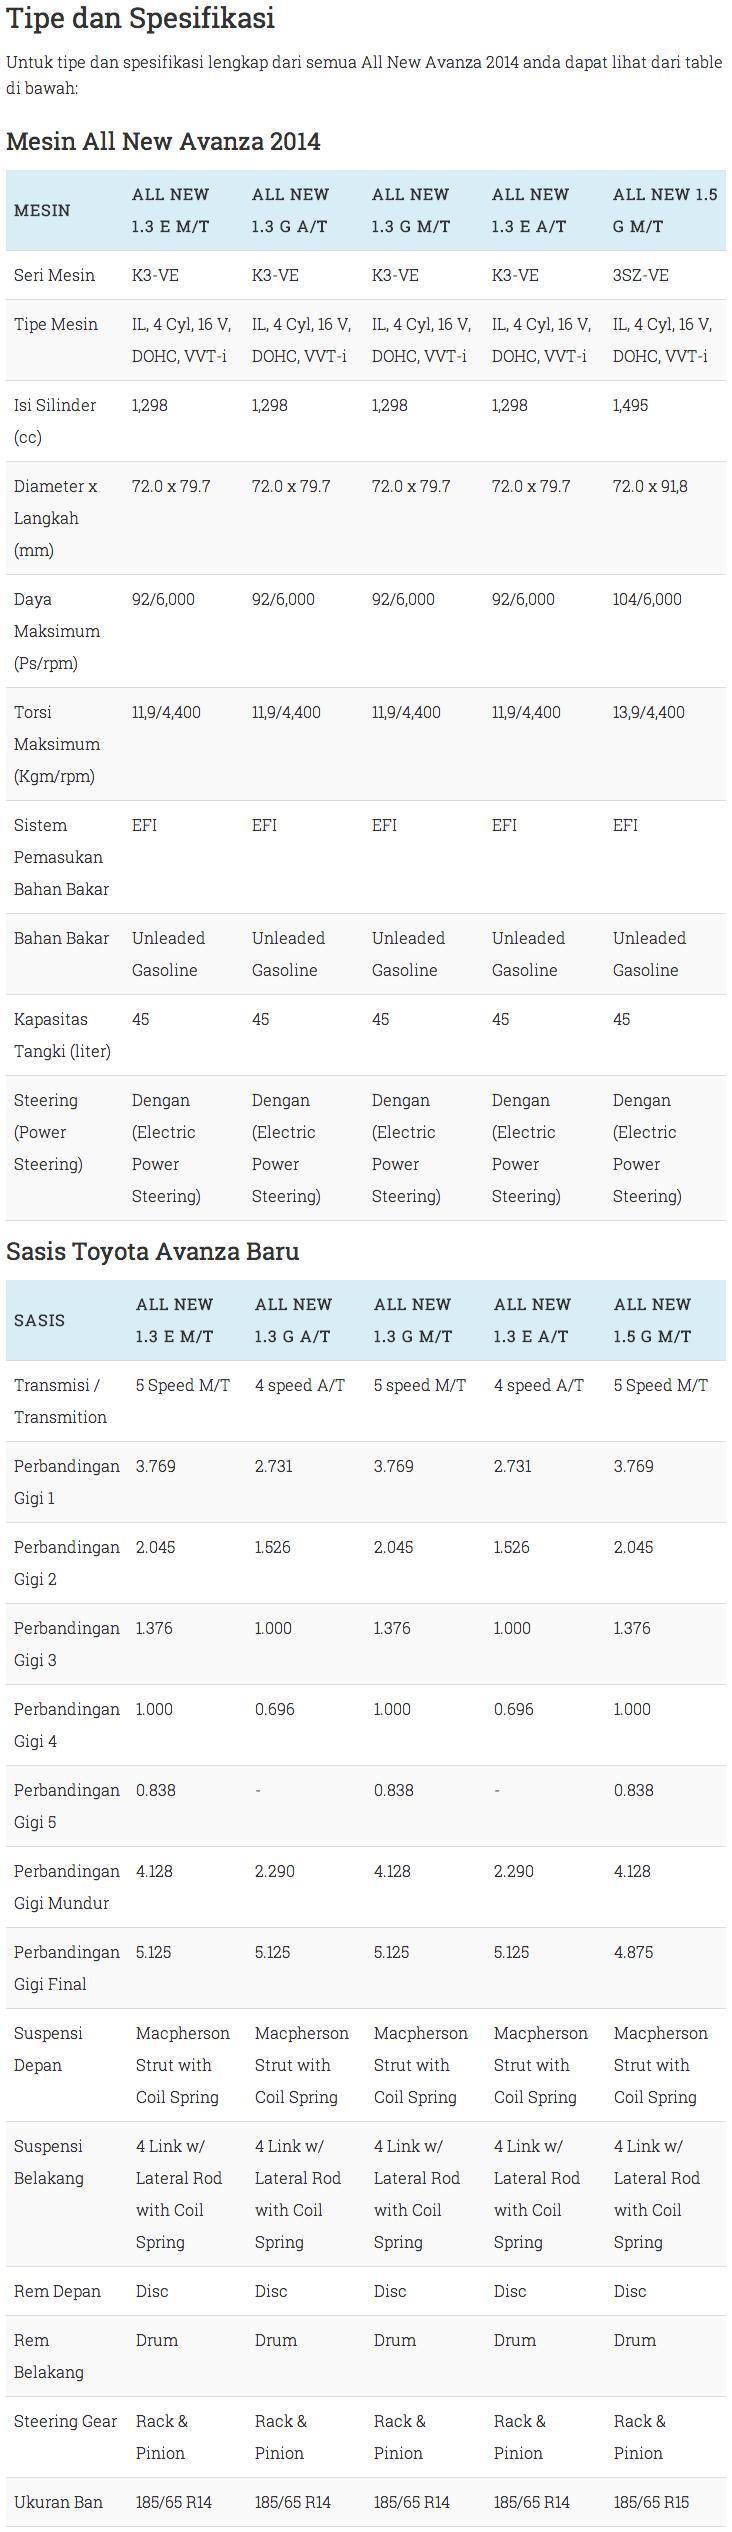 Tipe dan Spesifikasi Mobil Toyota Avanza